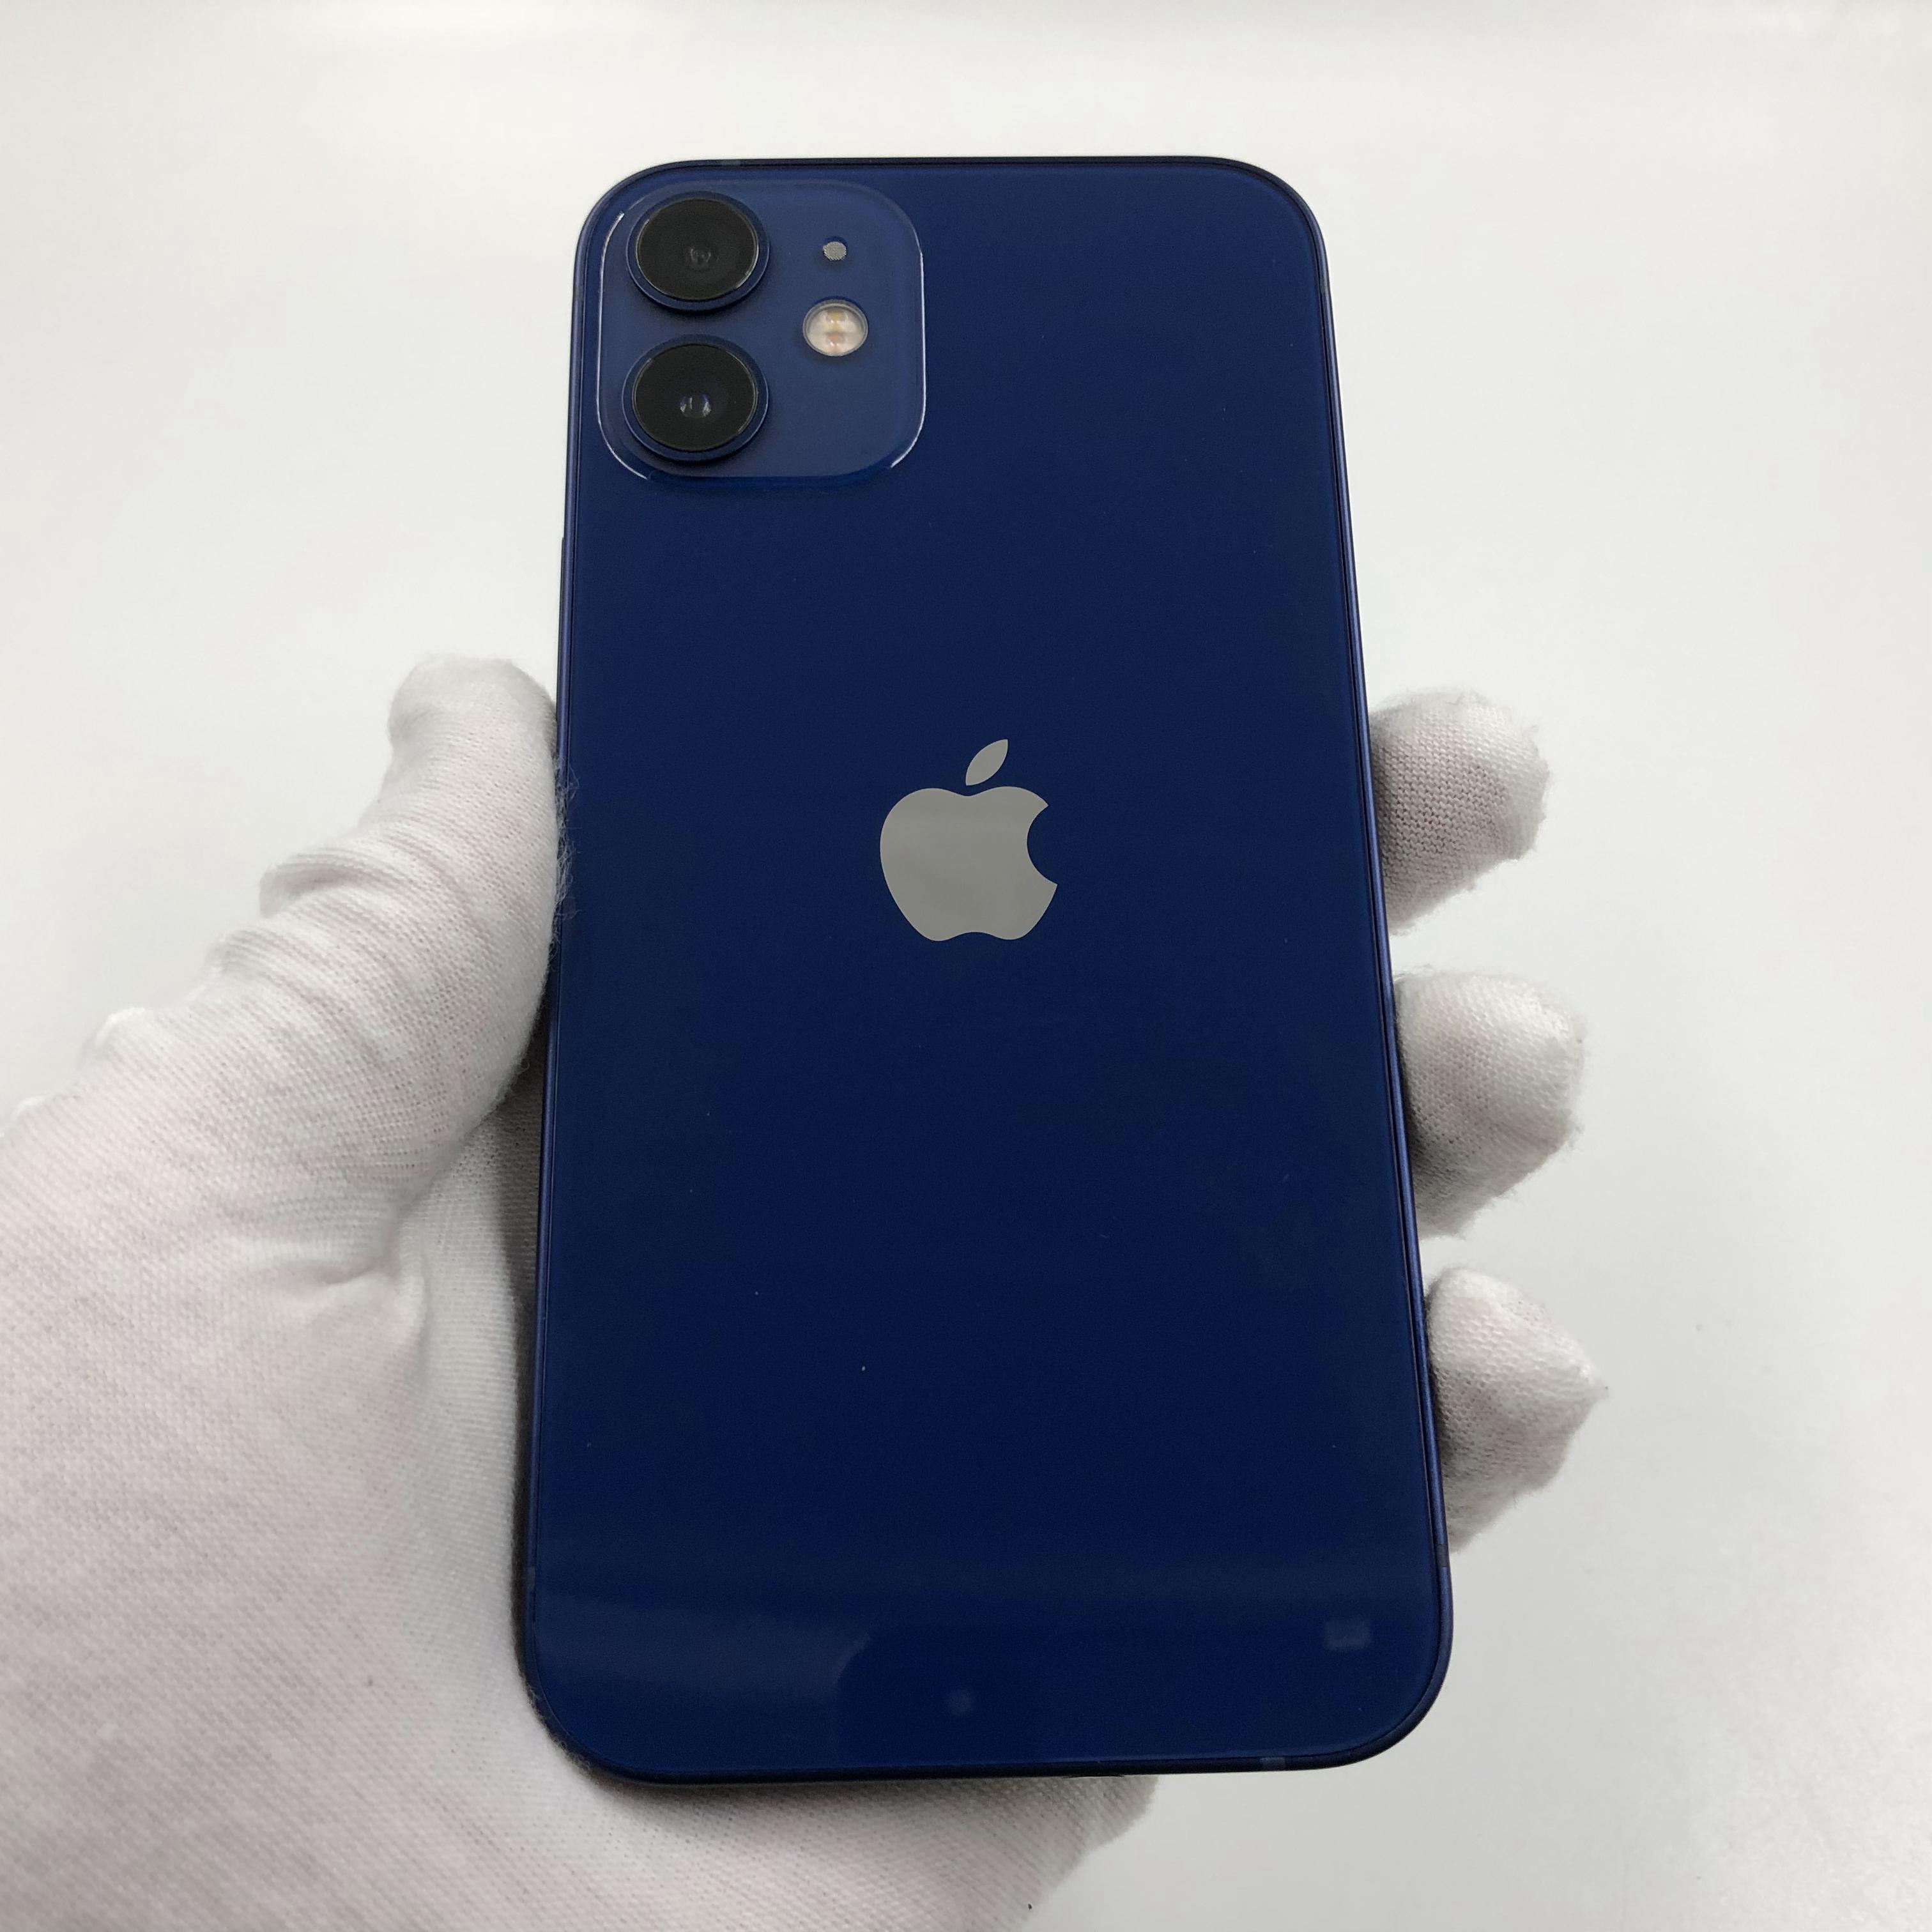 苹果【iPhone 12 mini】5G全网通 蓝色 128G 国行 95新 真机实拍官保2021-11-15